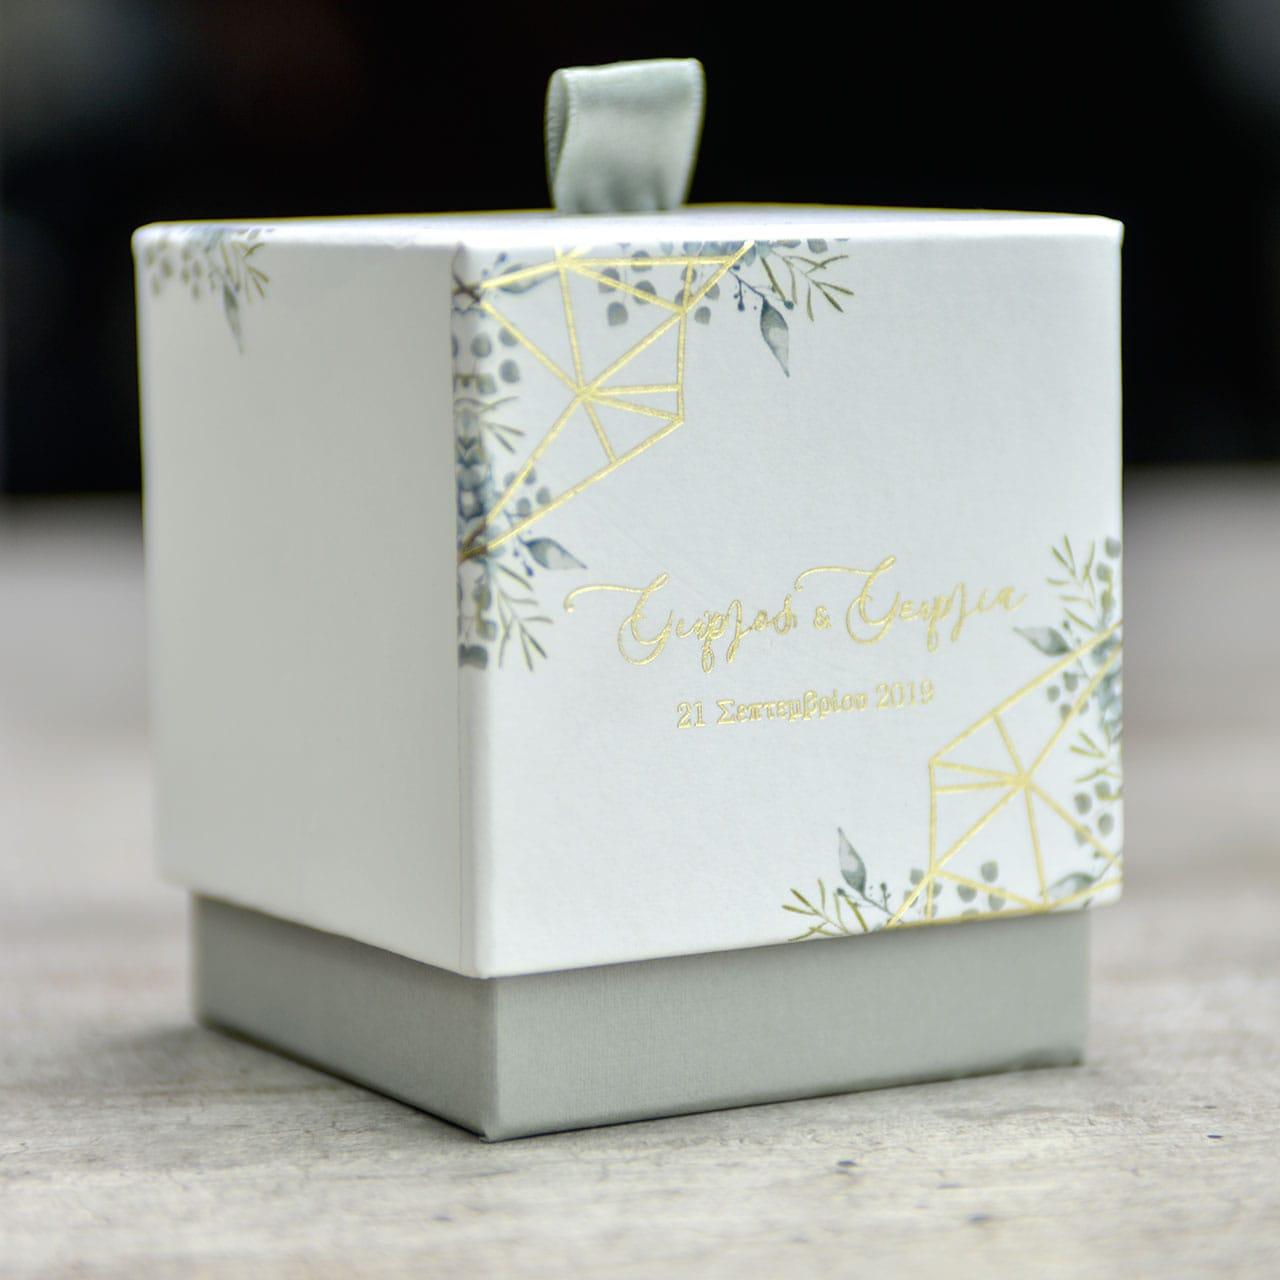 Μπομπονιέρα Γάμου κουτί 2 χρωμάτων με εκτύπωση χρυσοτυπίας ίδιο θέμα με το προσκλητήριο